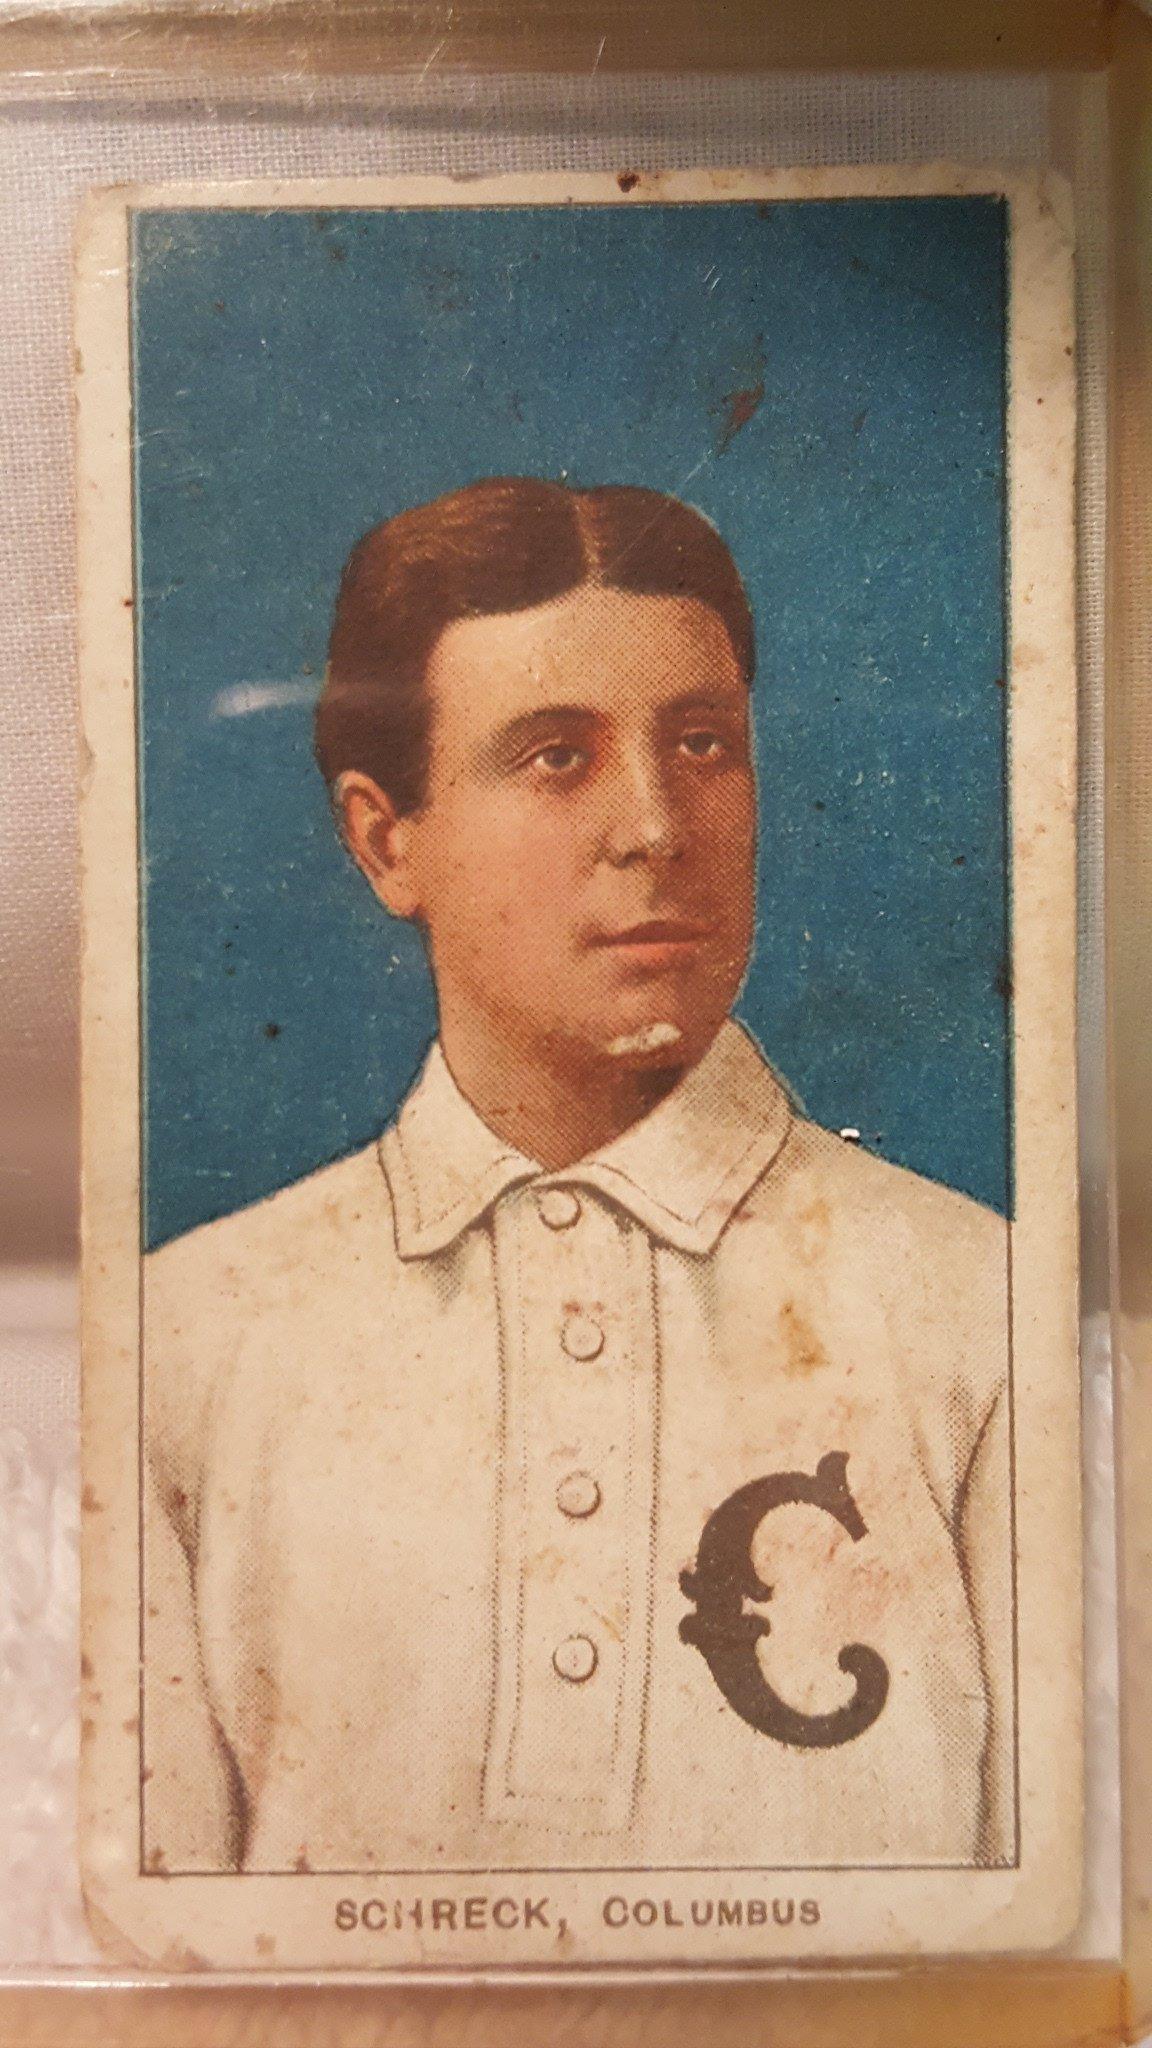 Piedmont 350 T206 Baseball Card Ossie Schreck C 1910 With